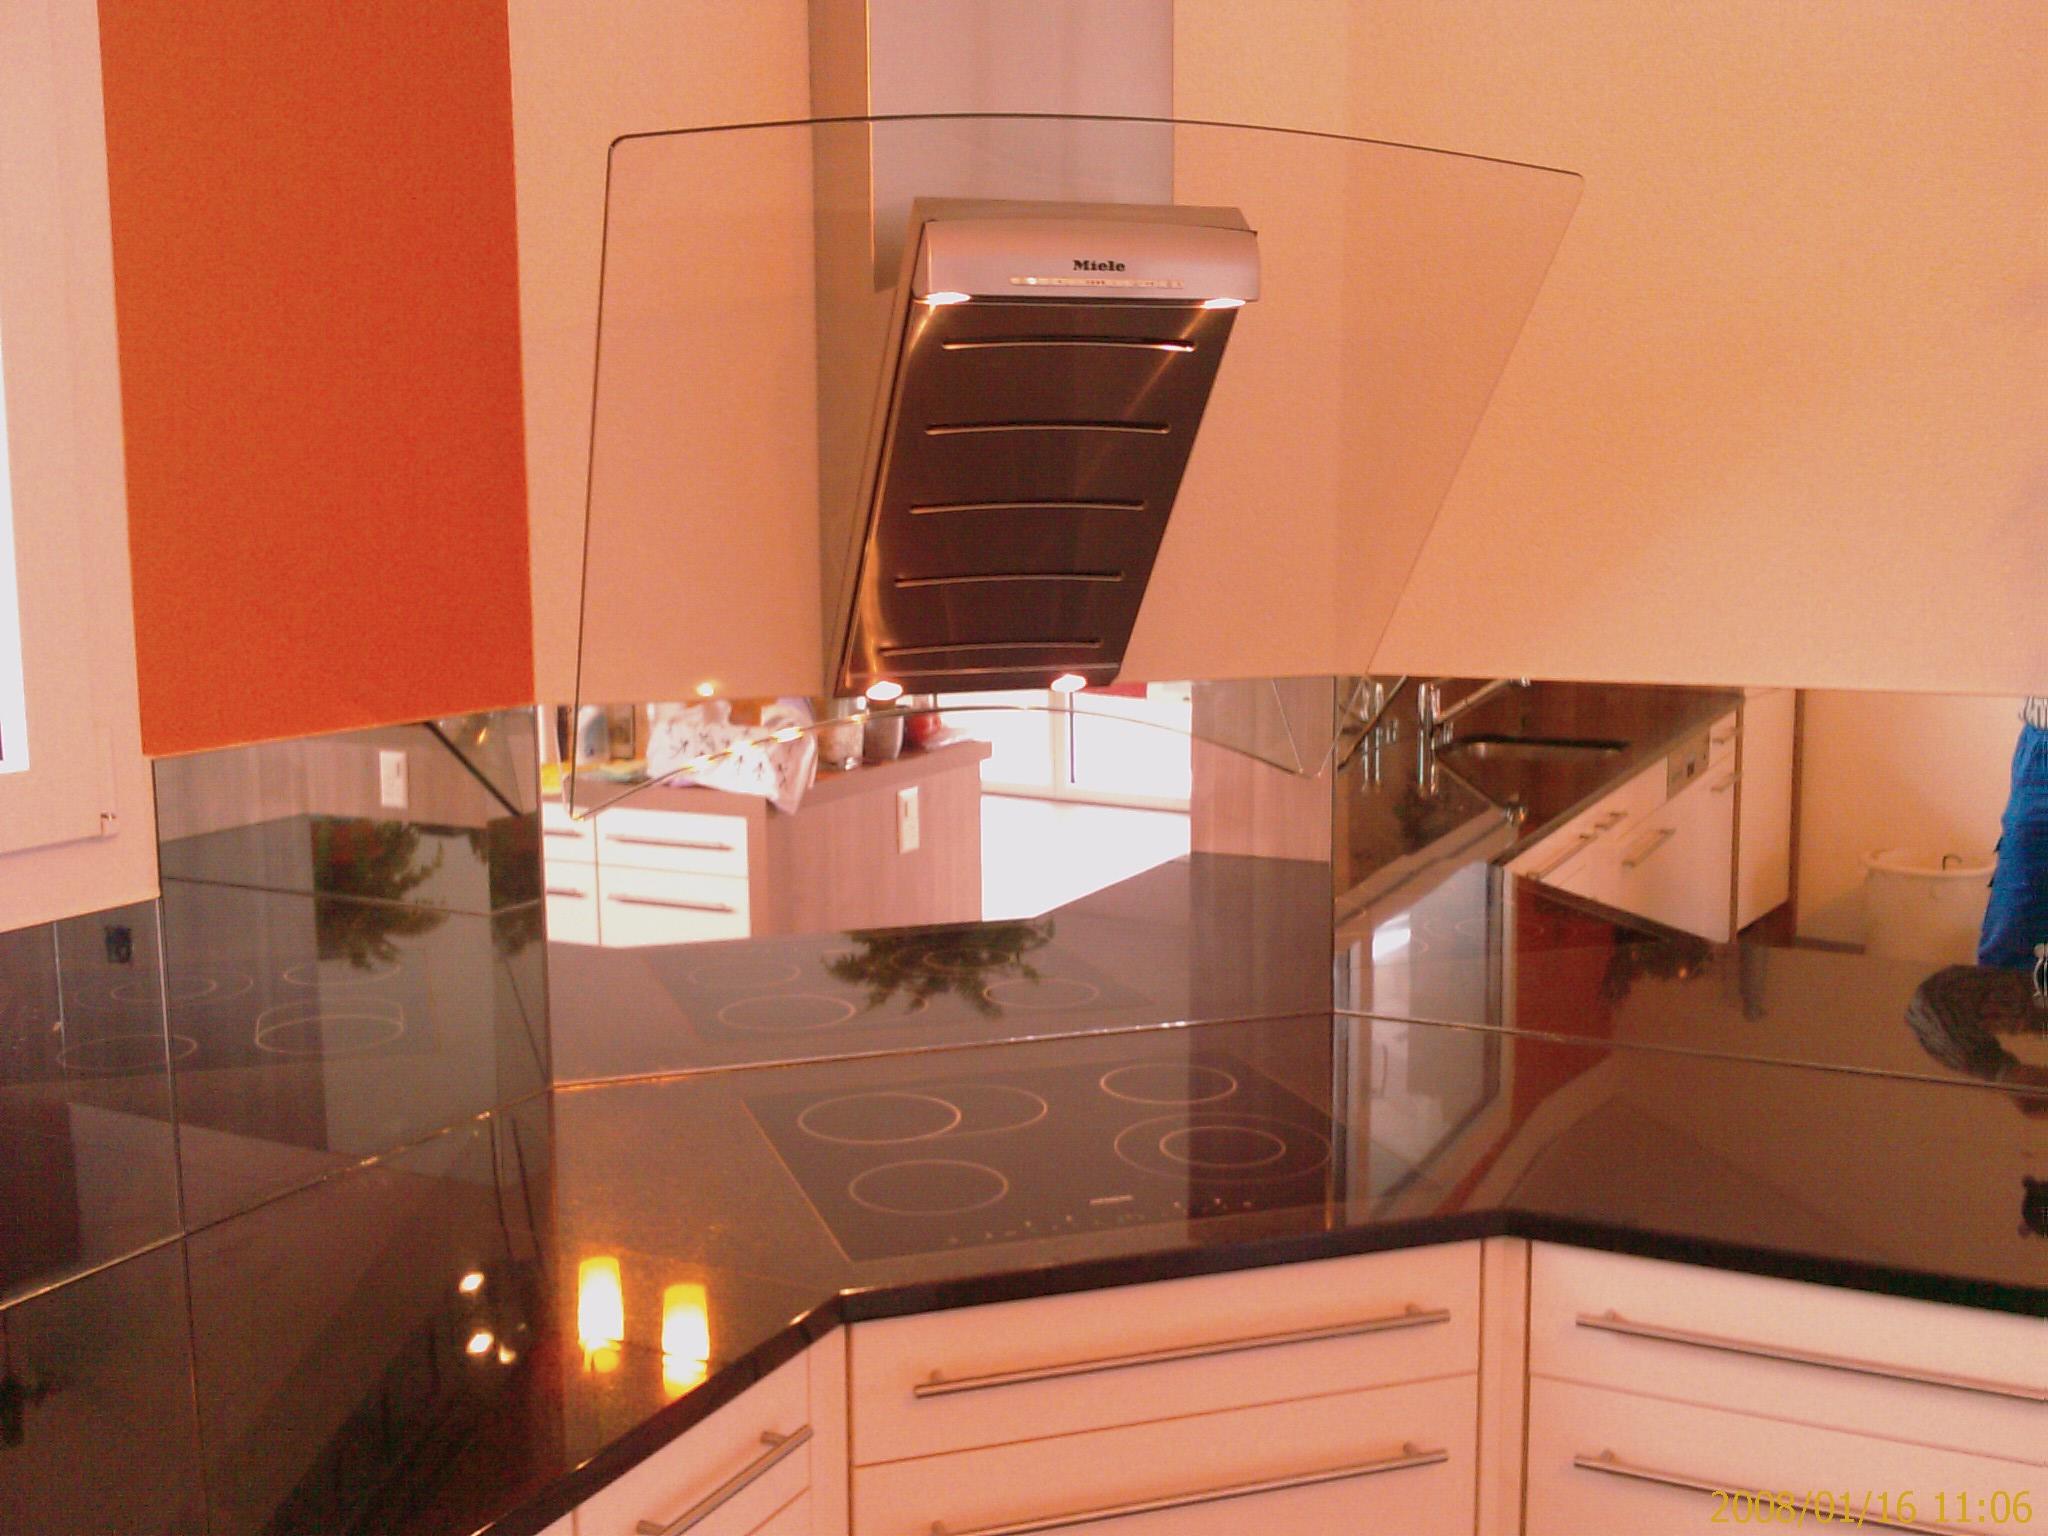 Küche mit Designer Dampfabzug